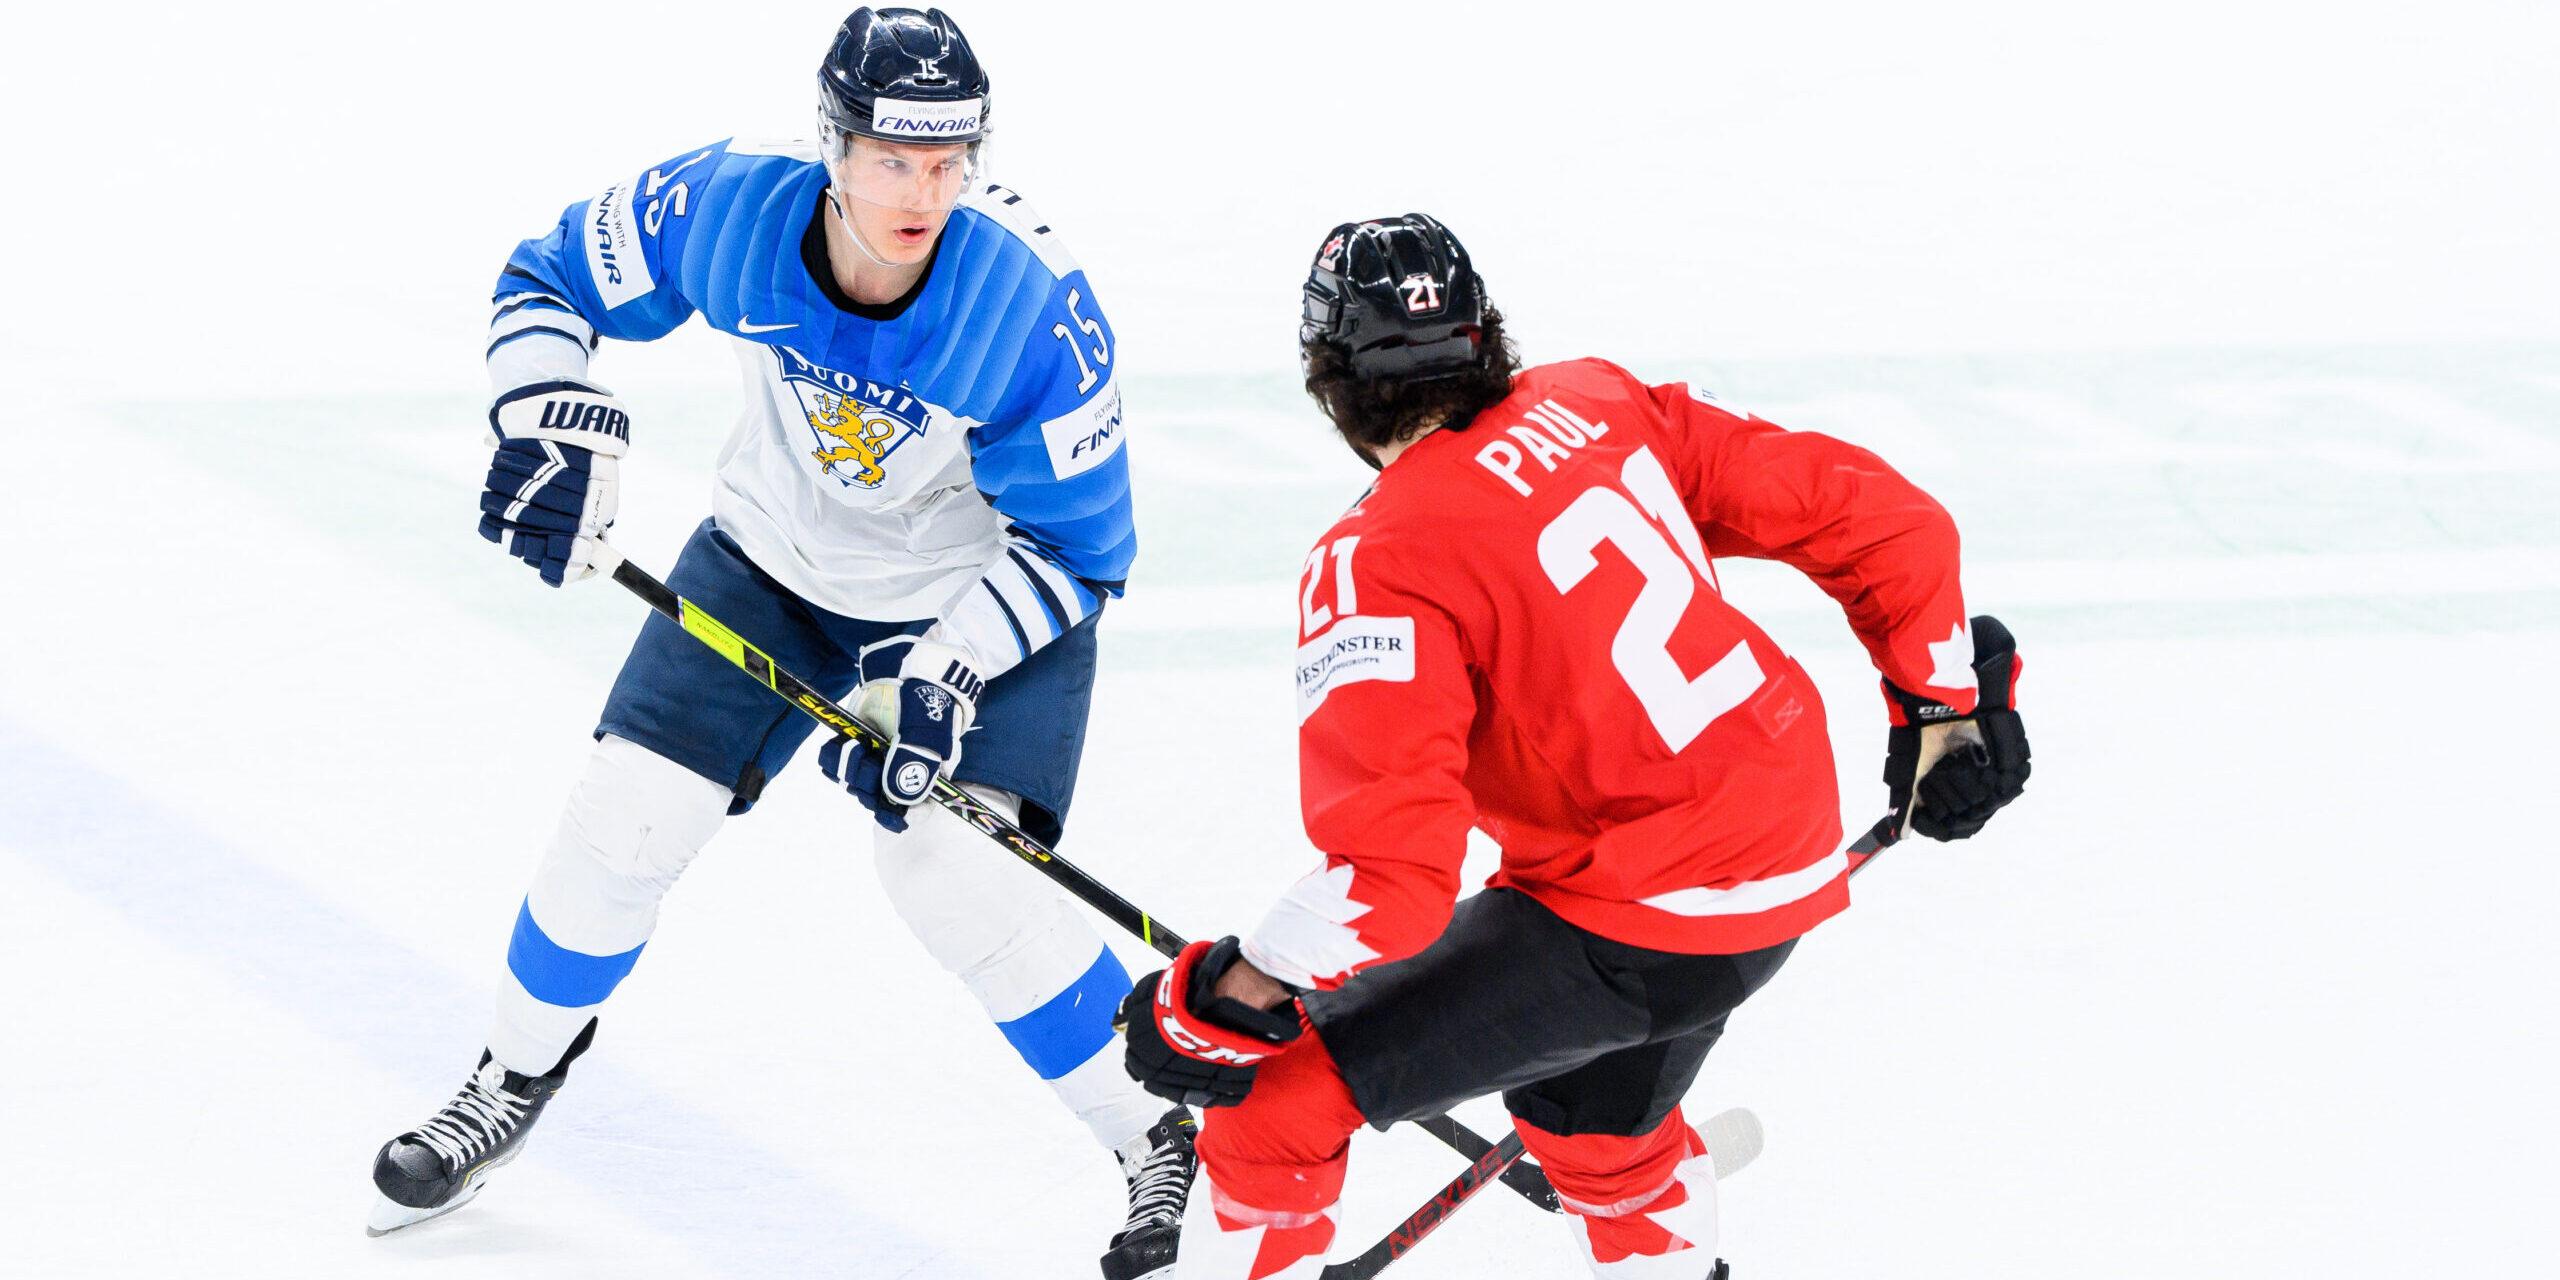 Ishockey-vm